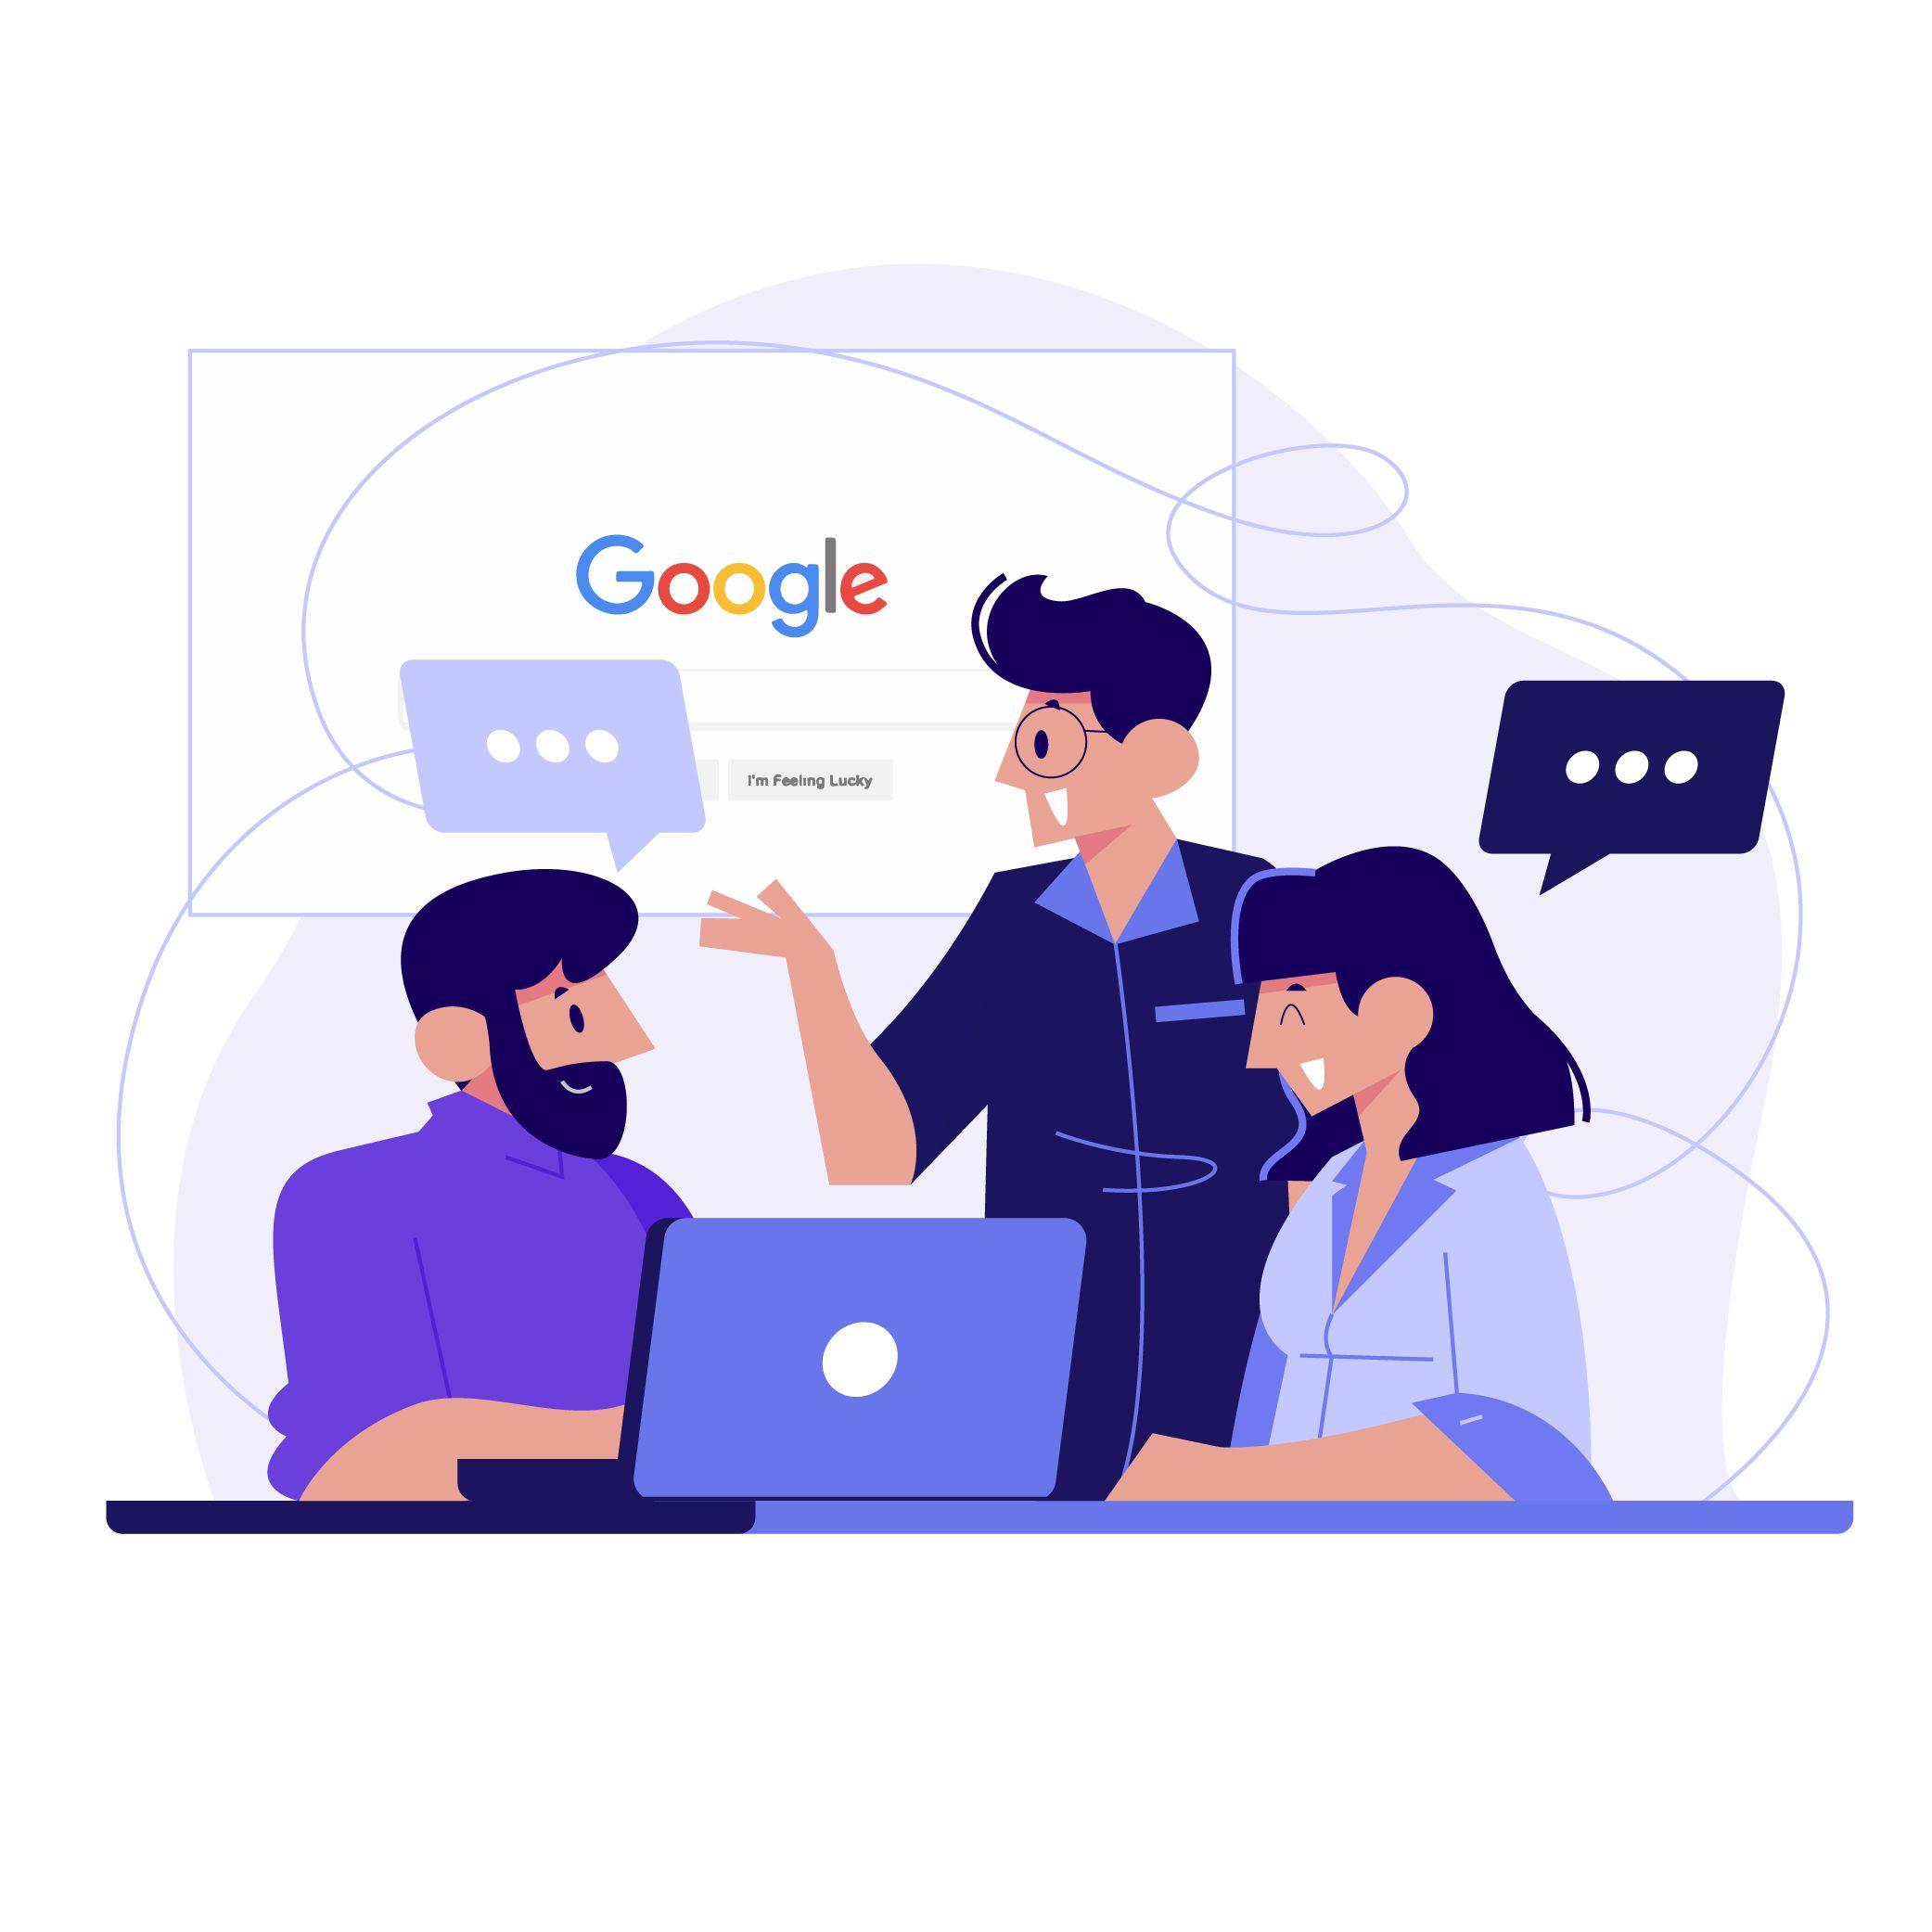 چرا باید از تبلیغات گوگل استفاده کرد؟